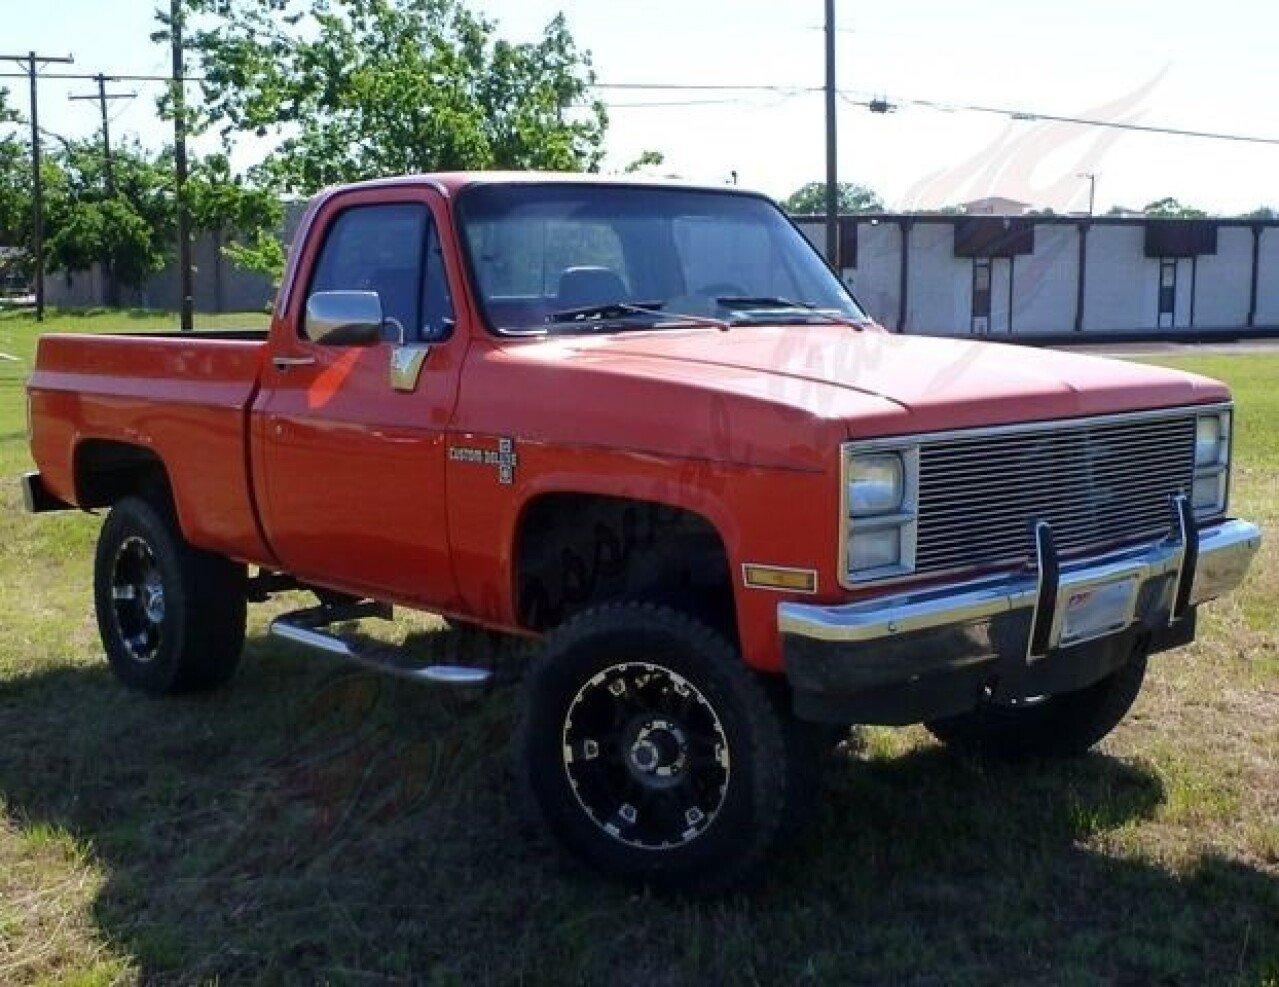 Chevrolet Trucks For Sale >> 1981 Chevrolet C K Truck For Sale Near Arlington Texas 76001